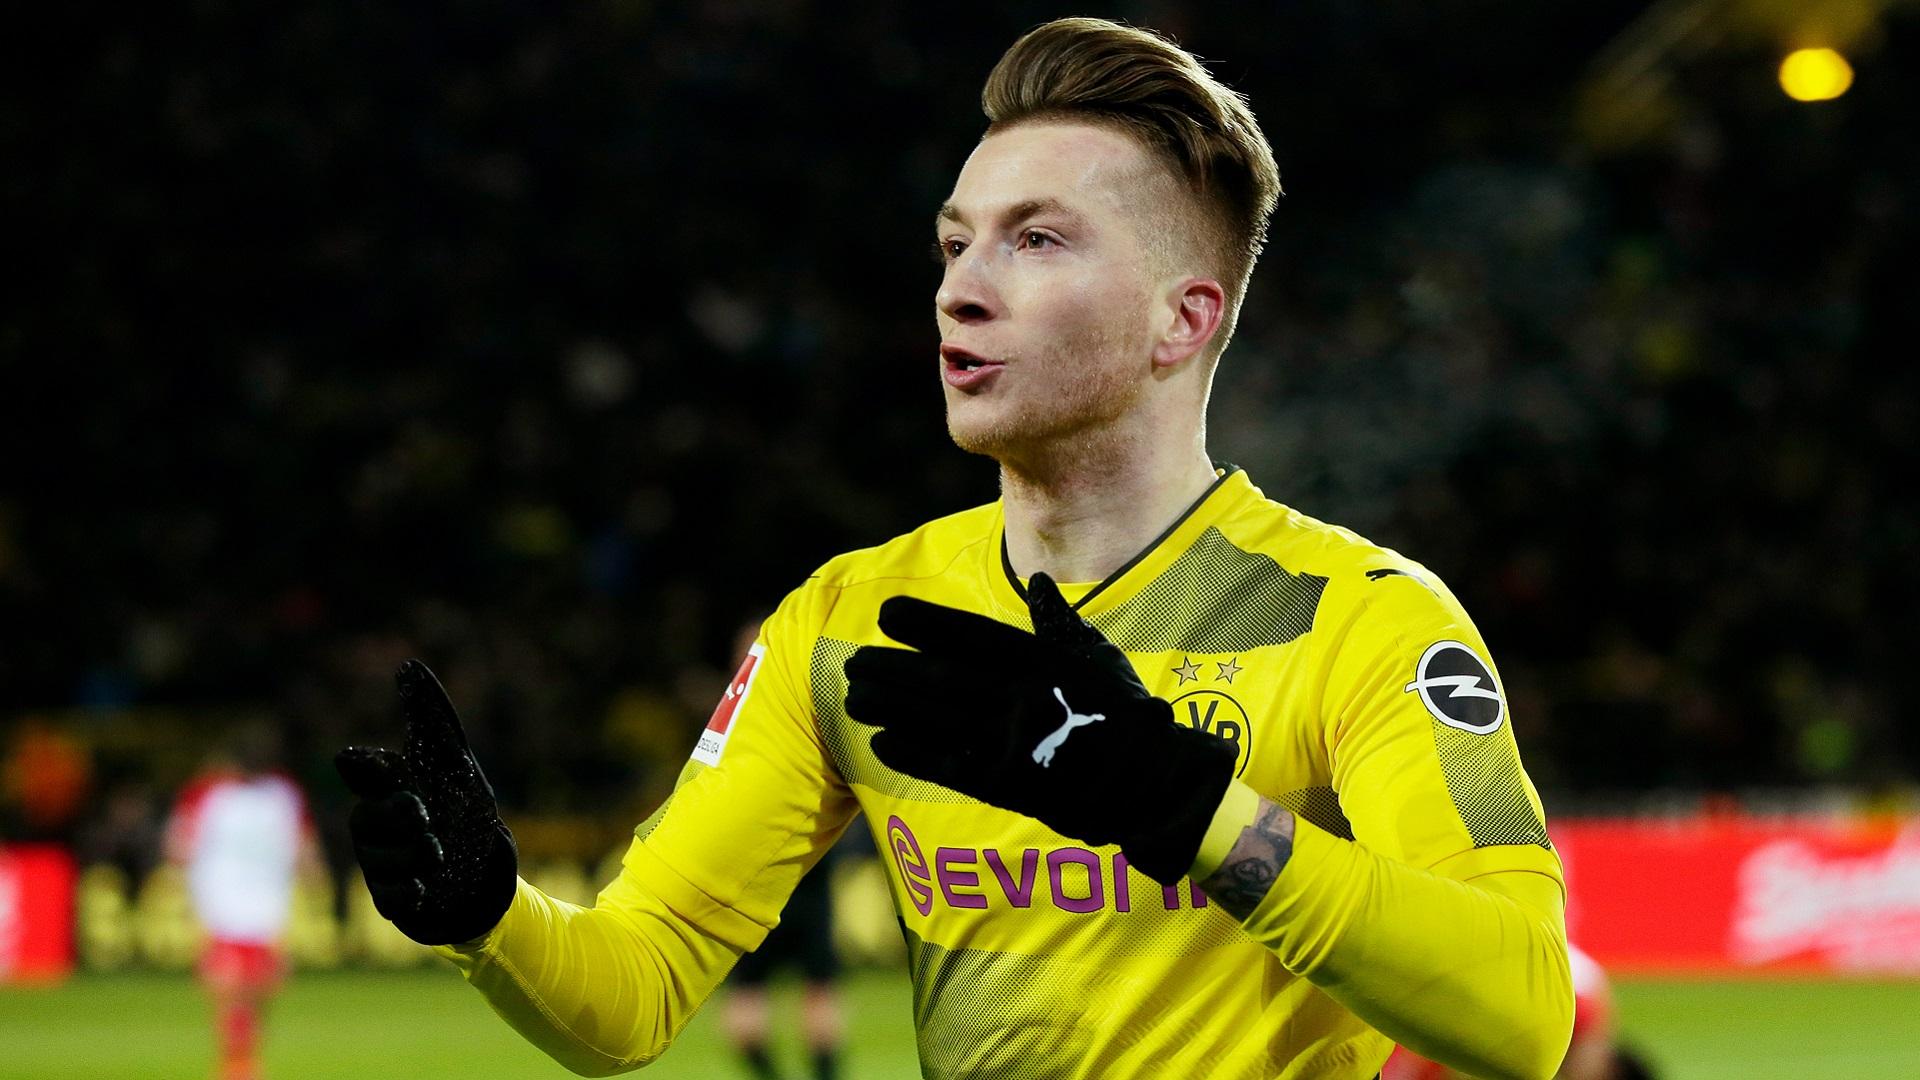 Reus renova contrato: 'Desde a infância eu sonhava em jogar aqui'